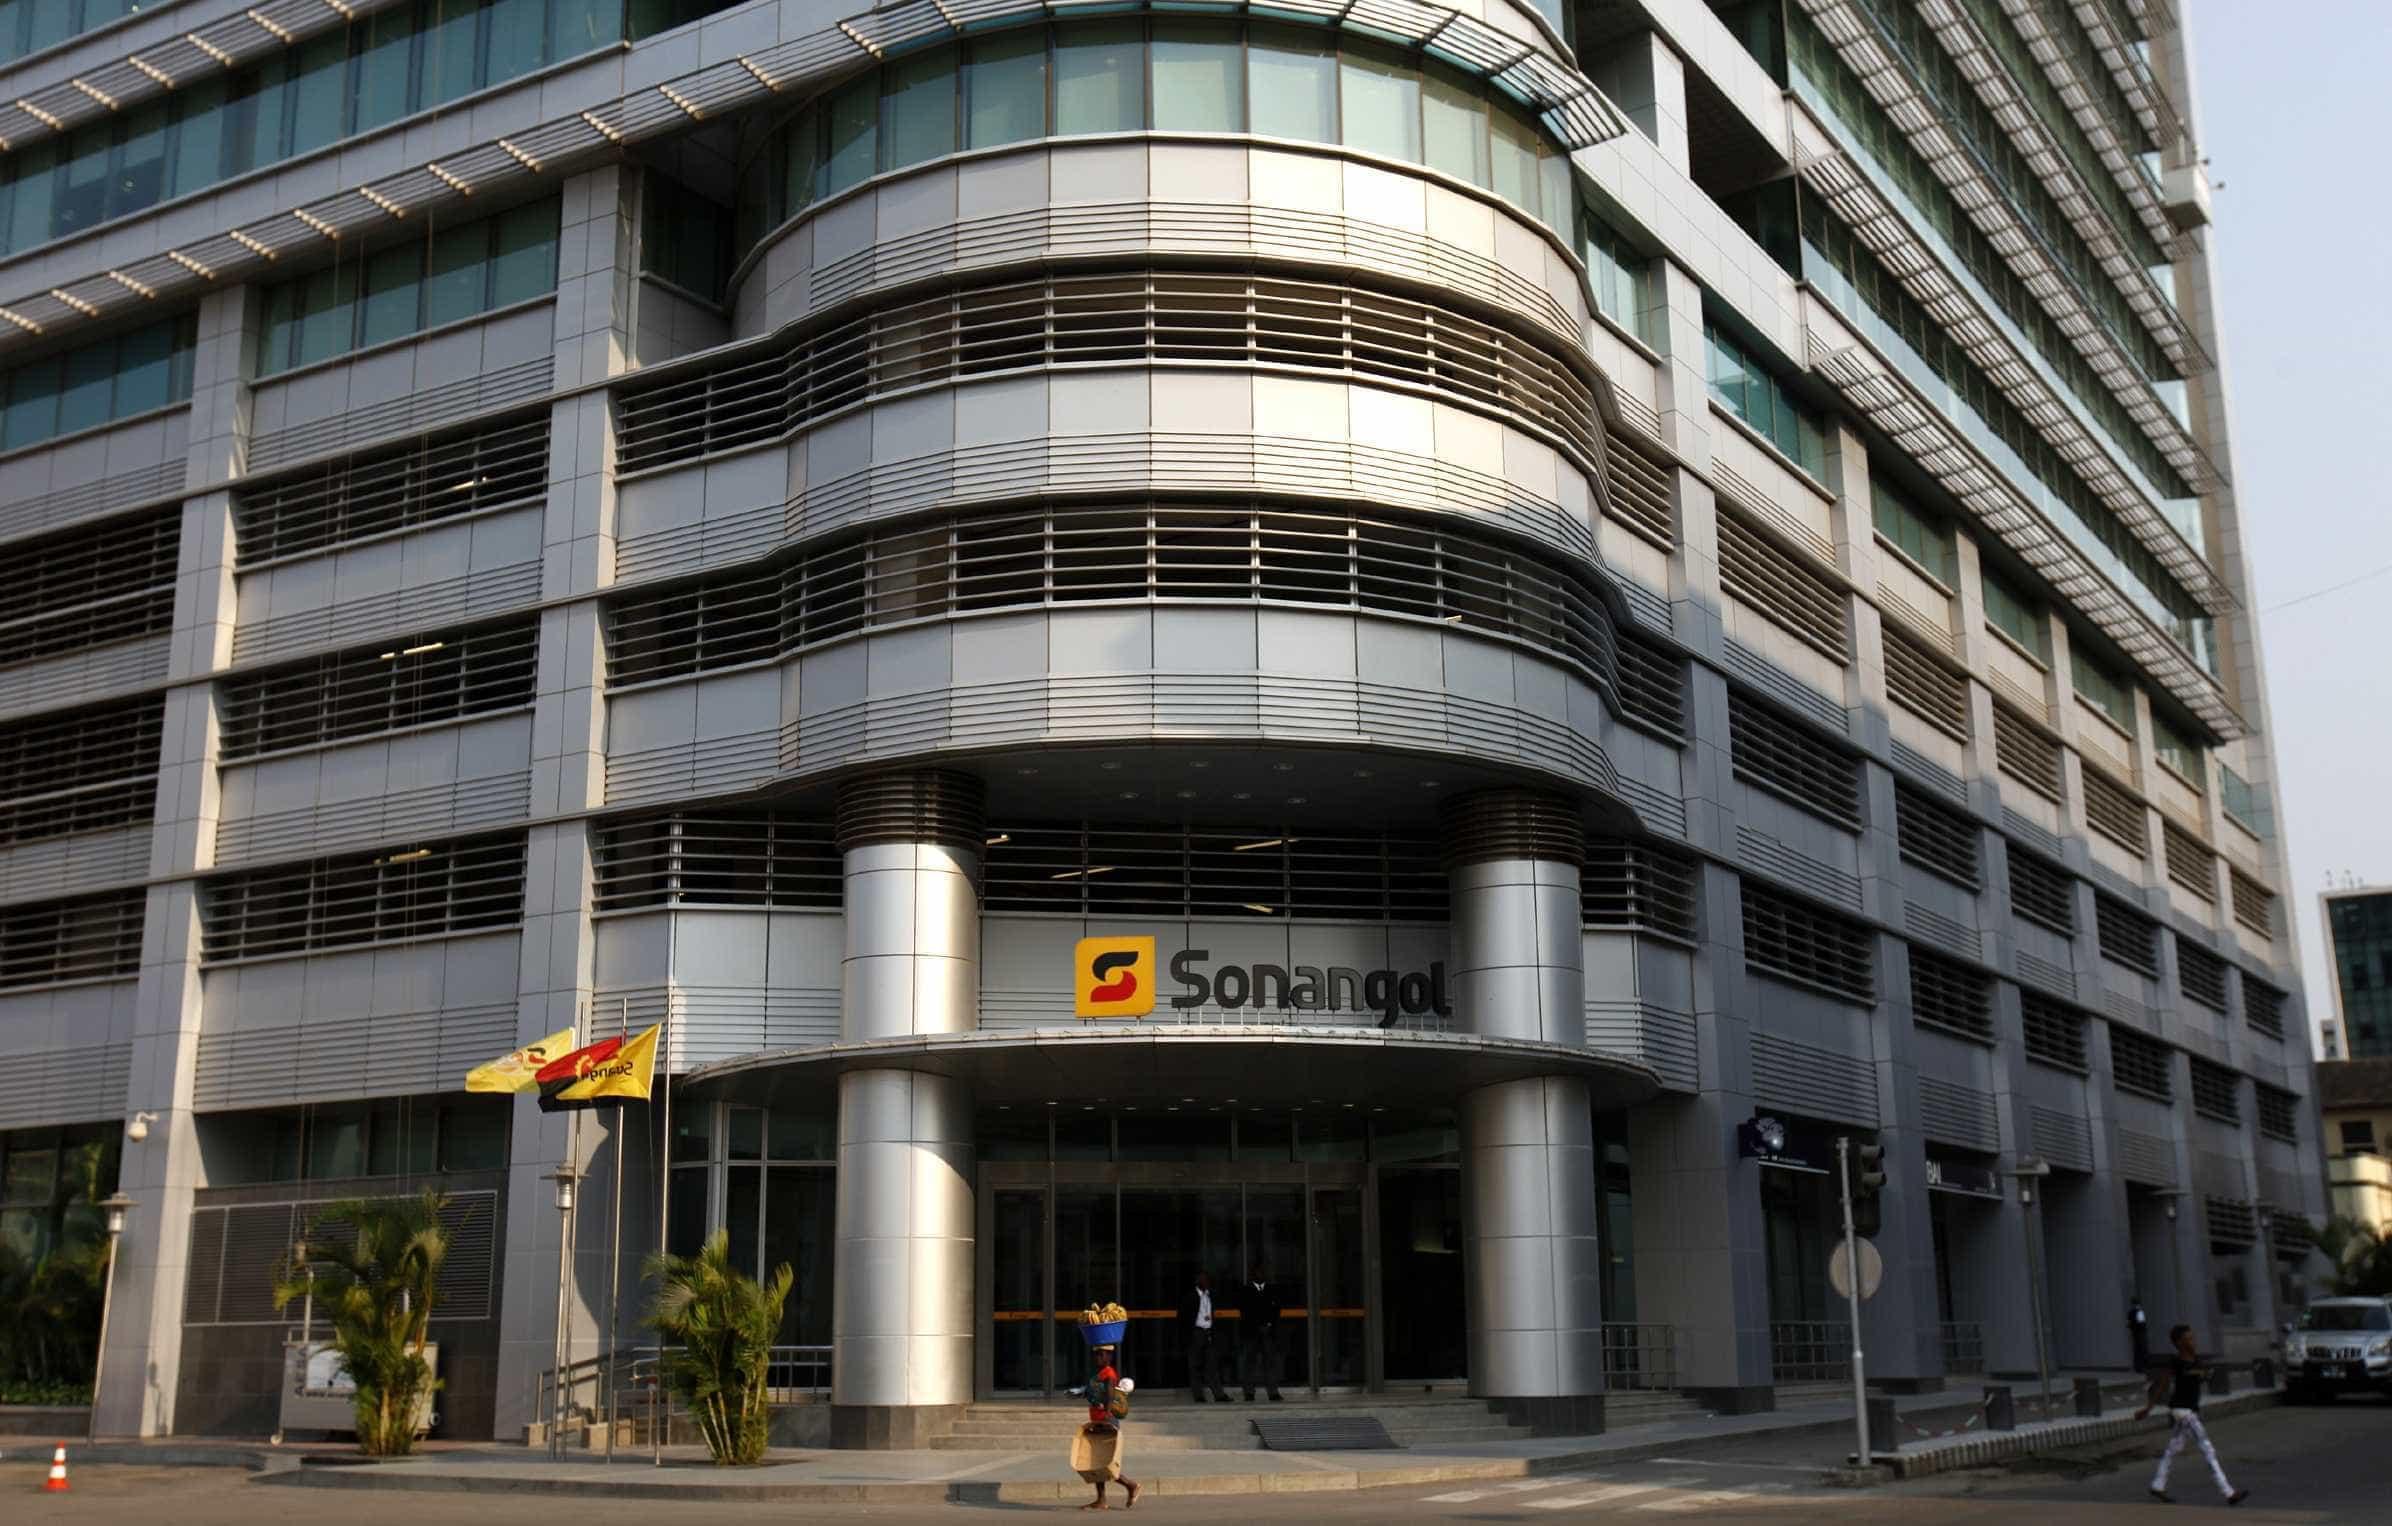 Lucro da Sonangol não chega para distribuir dividendos ao Estado angolano